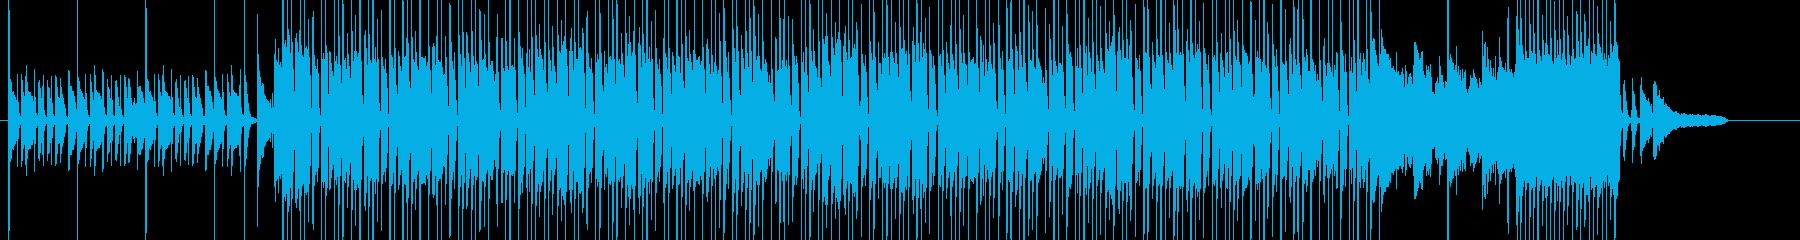 元気で可愛いやんちゃなBGM【ループ可】の再生済みの波形